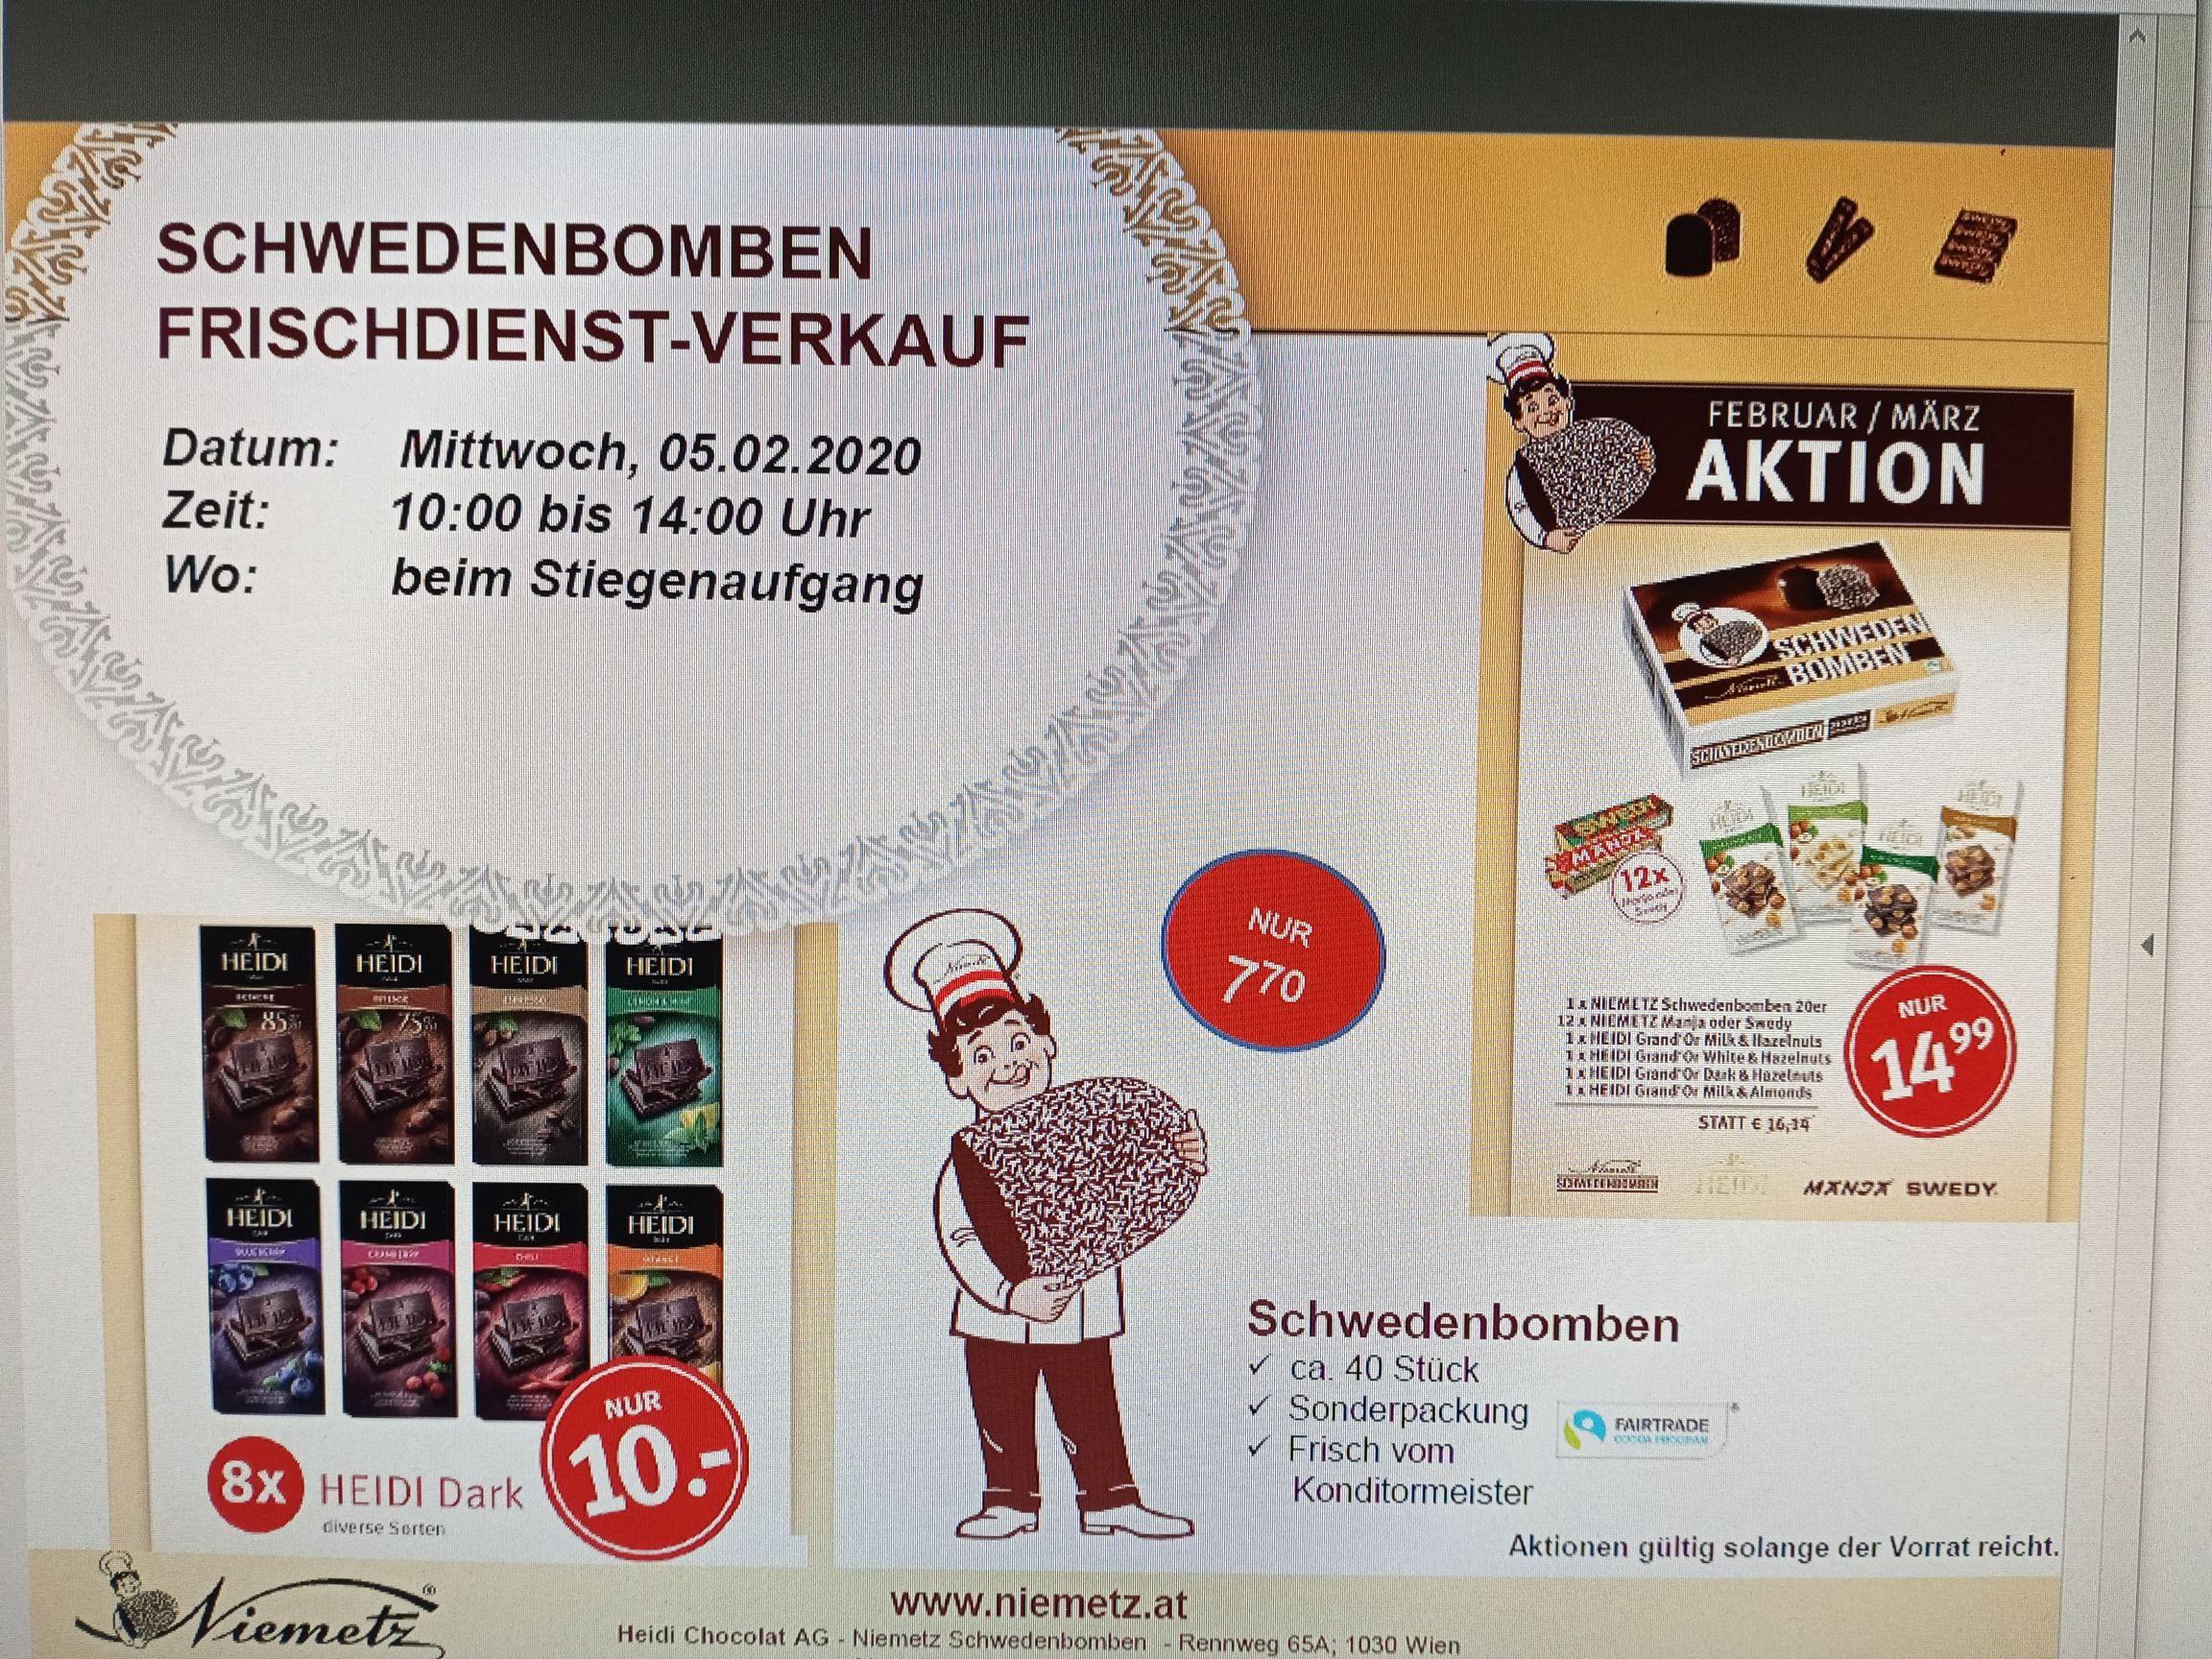 Schwedenbomben Verkauf zum vergünstigten Preis beim Terminal Tower 4020 Linz